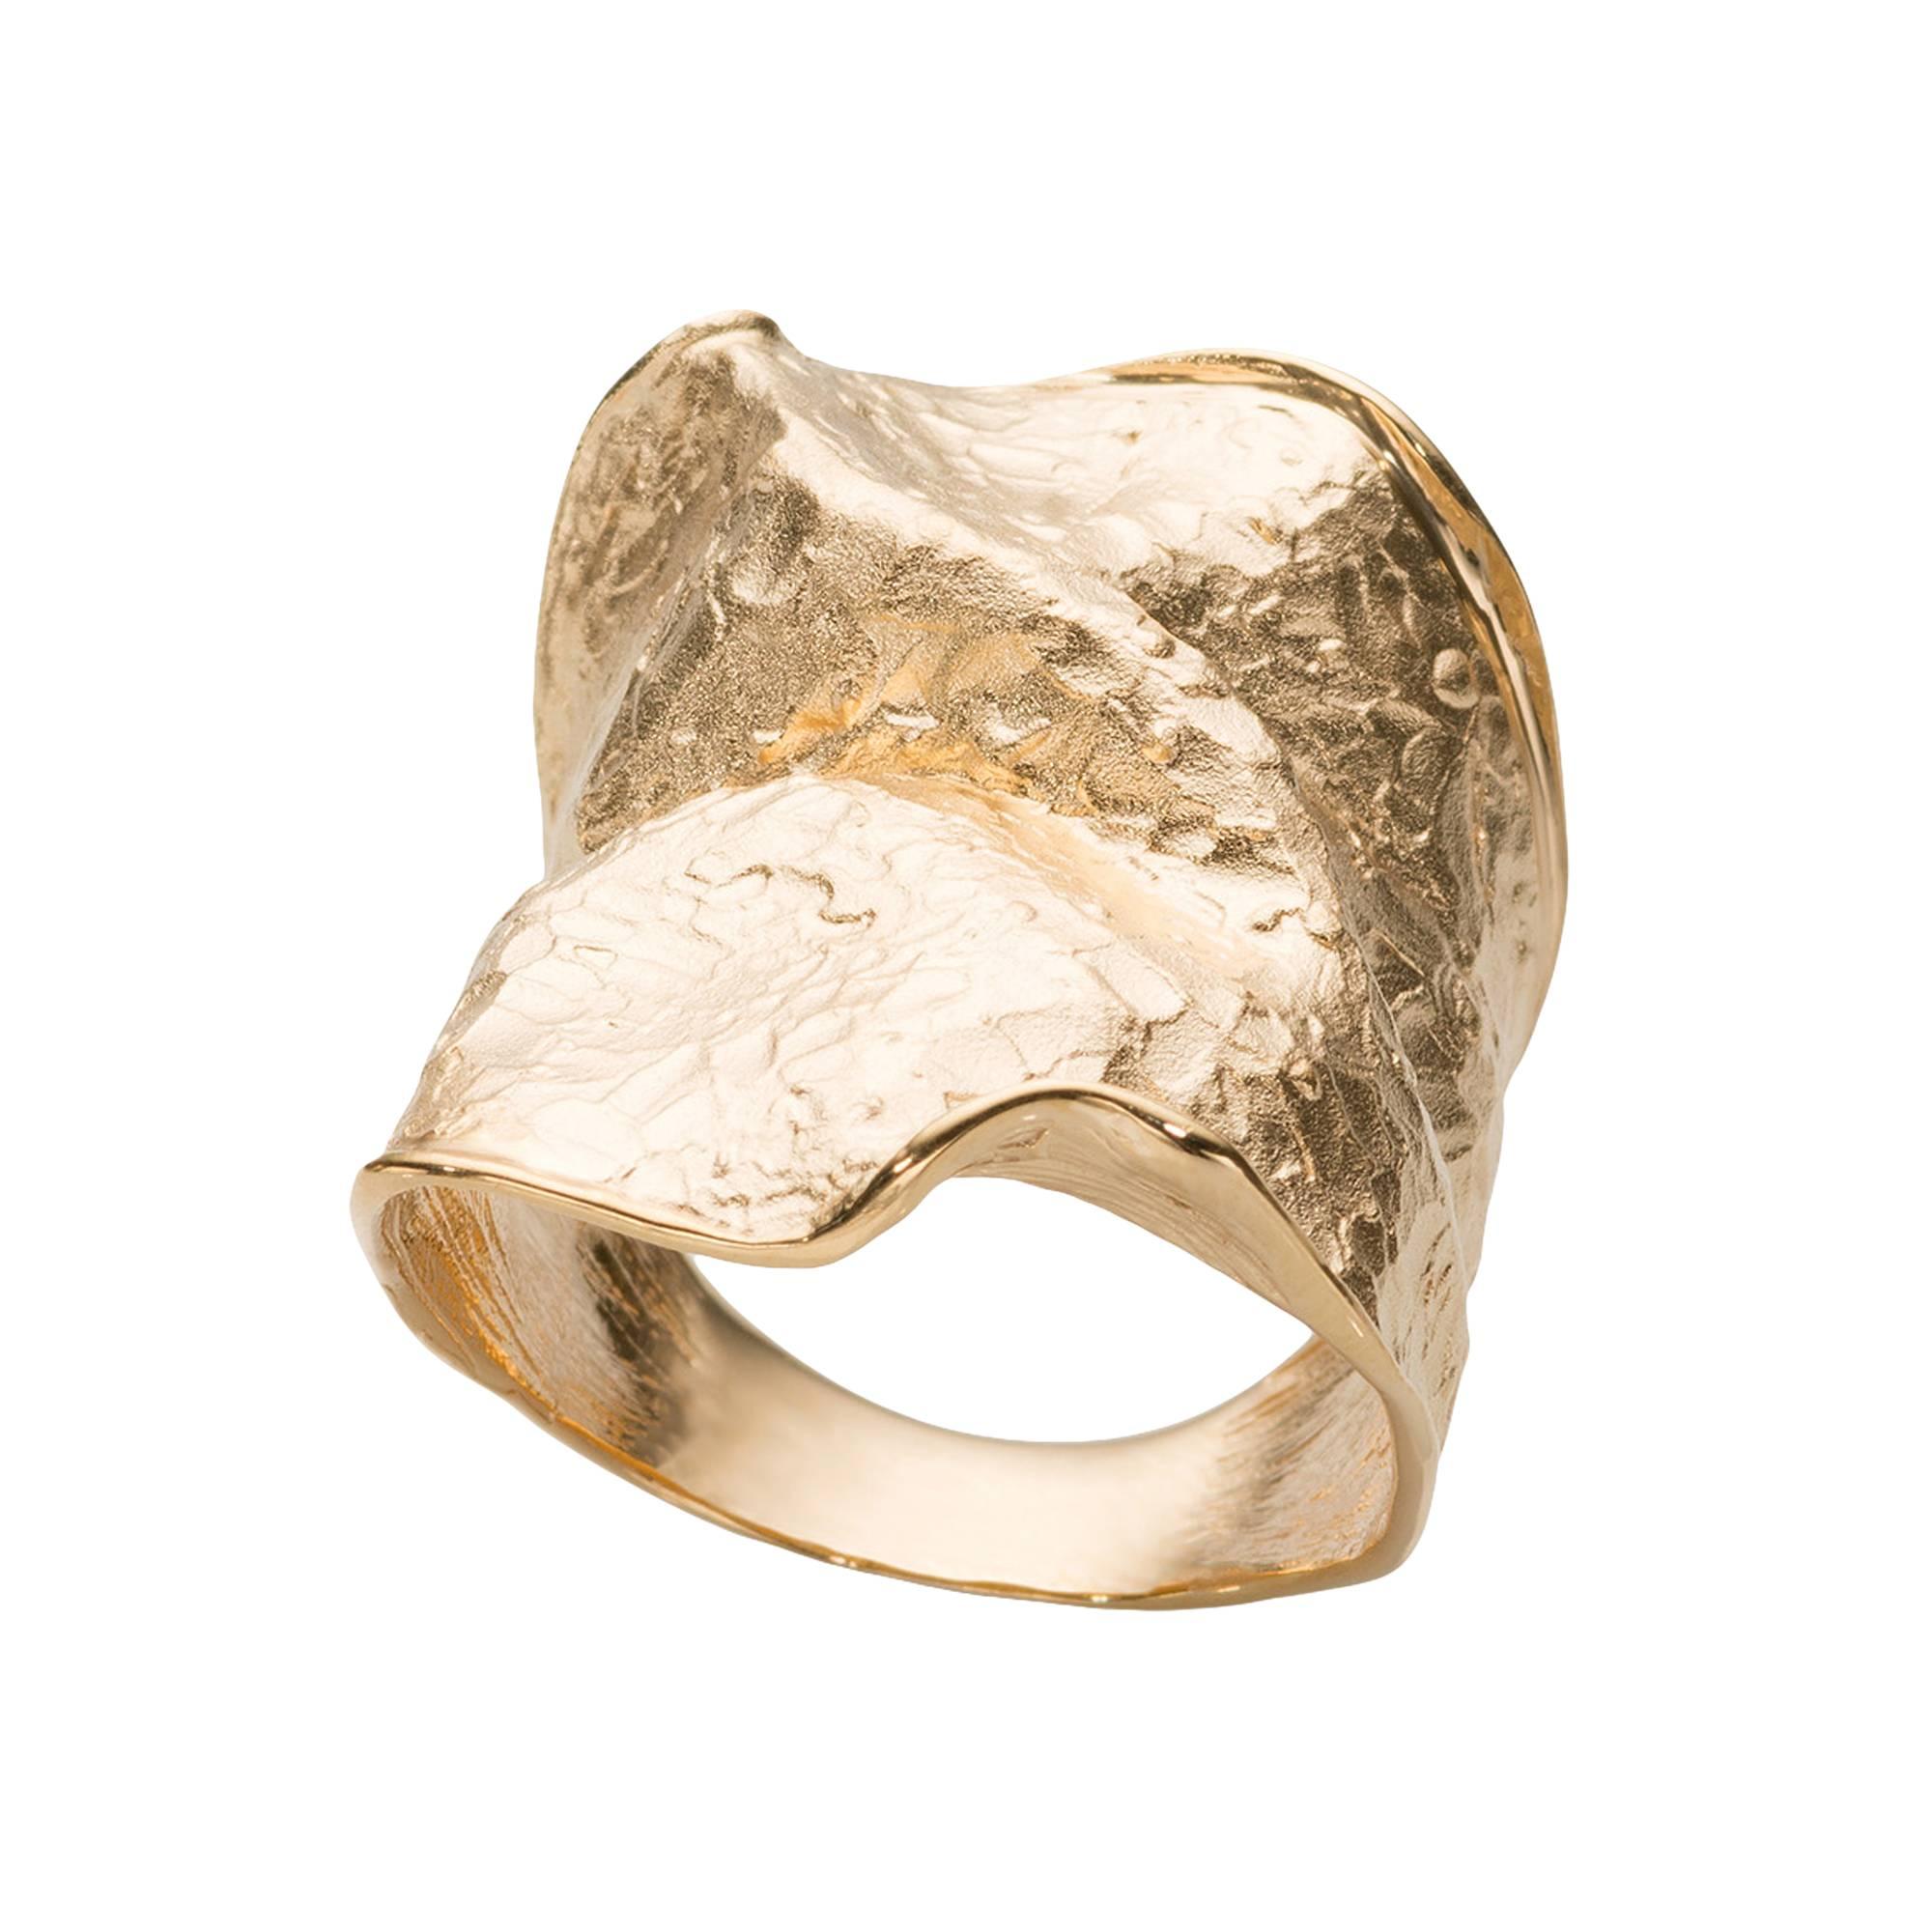 Кольцо Oro morbido из серебра 925 с покрытием желтым золотом, фото